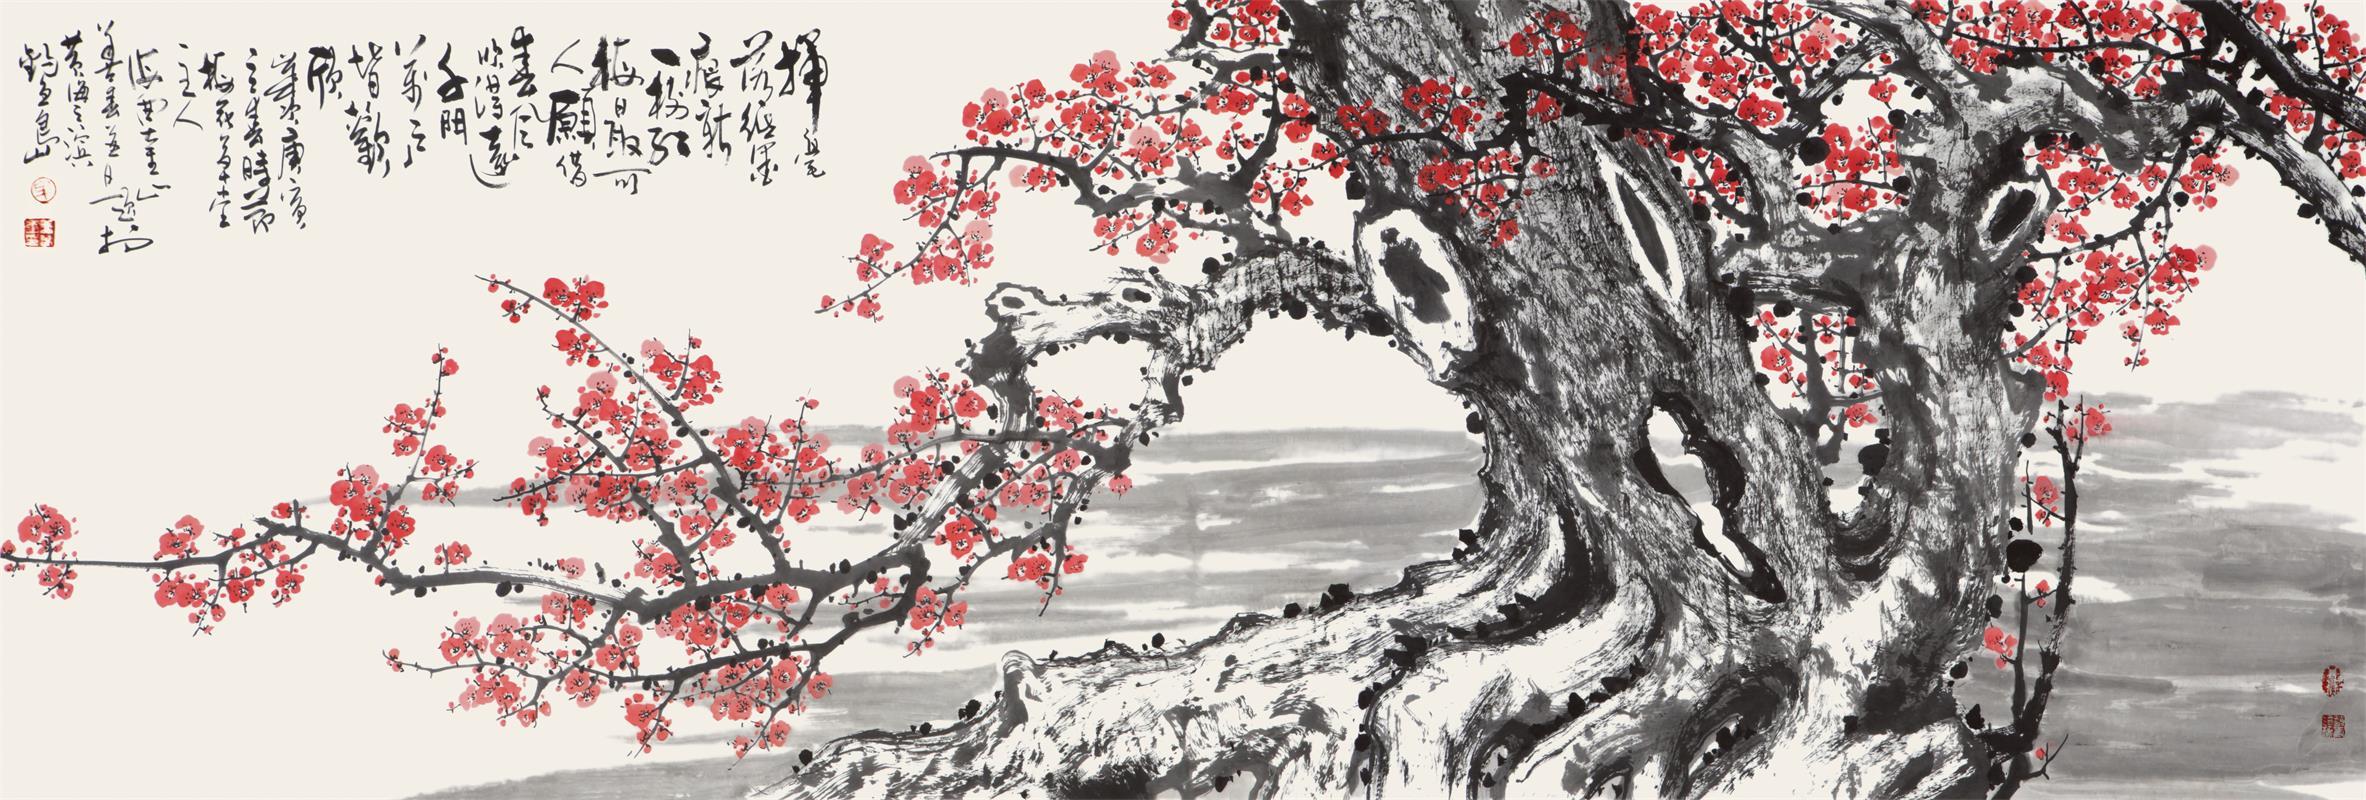 一树红梅最可人    120cm×240cm